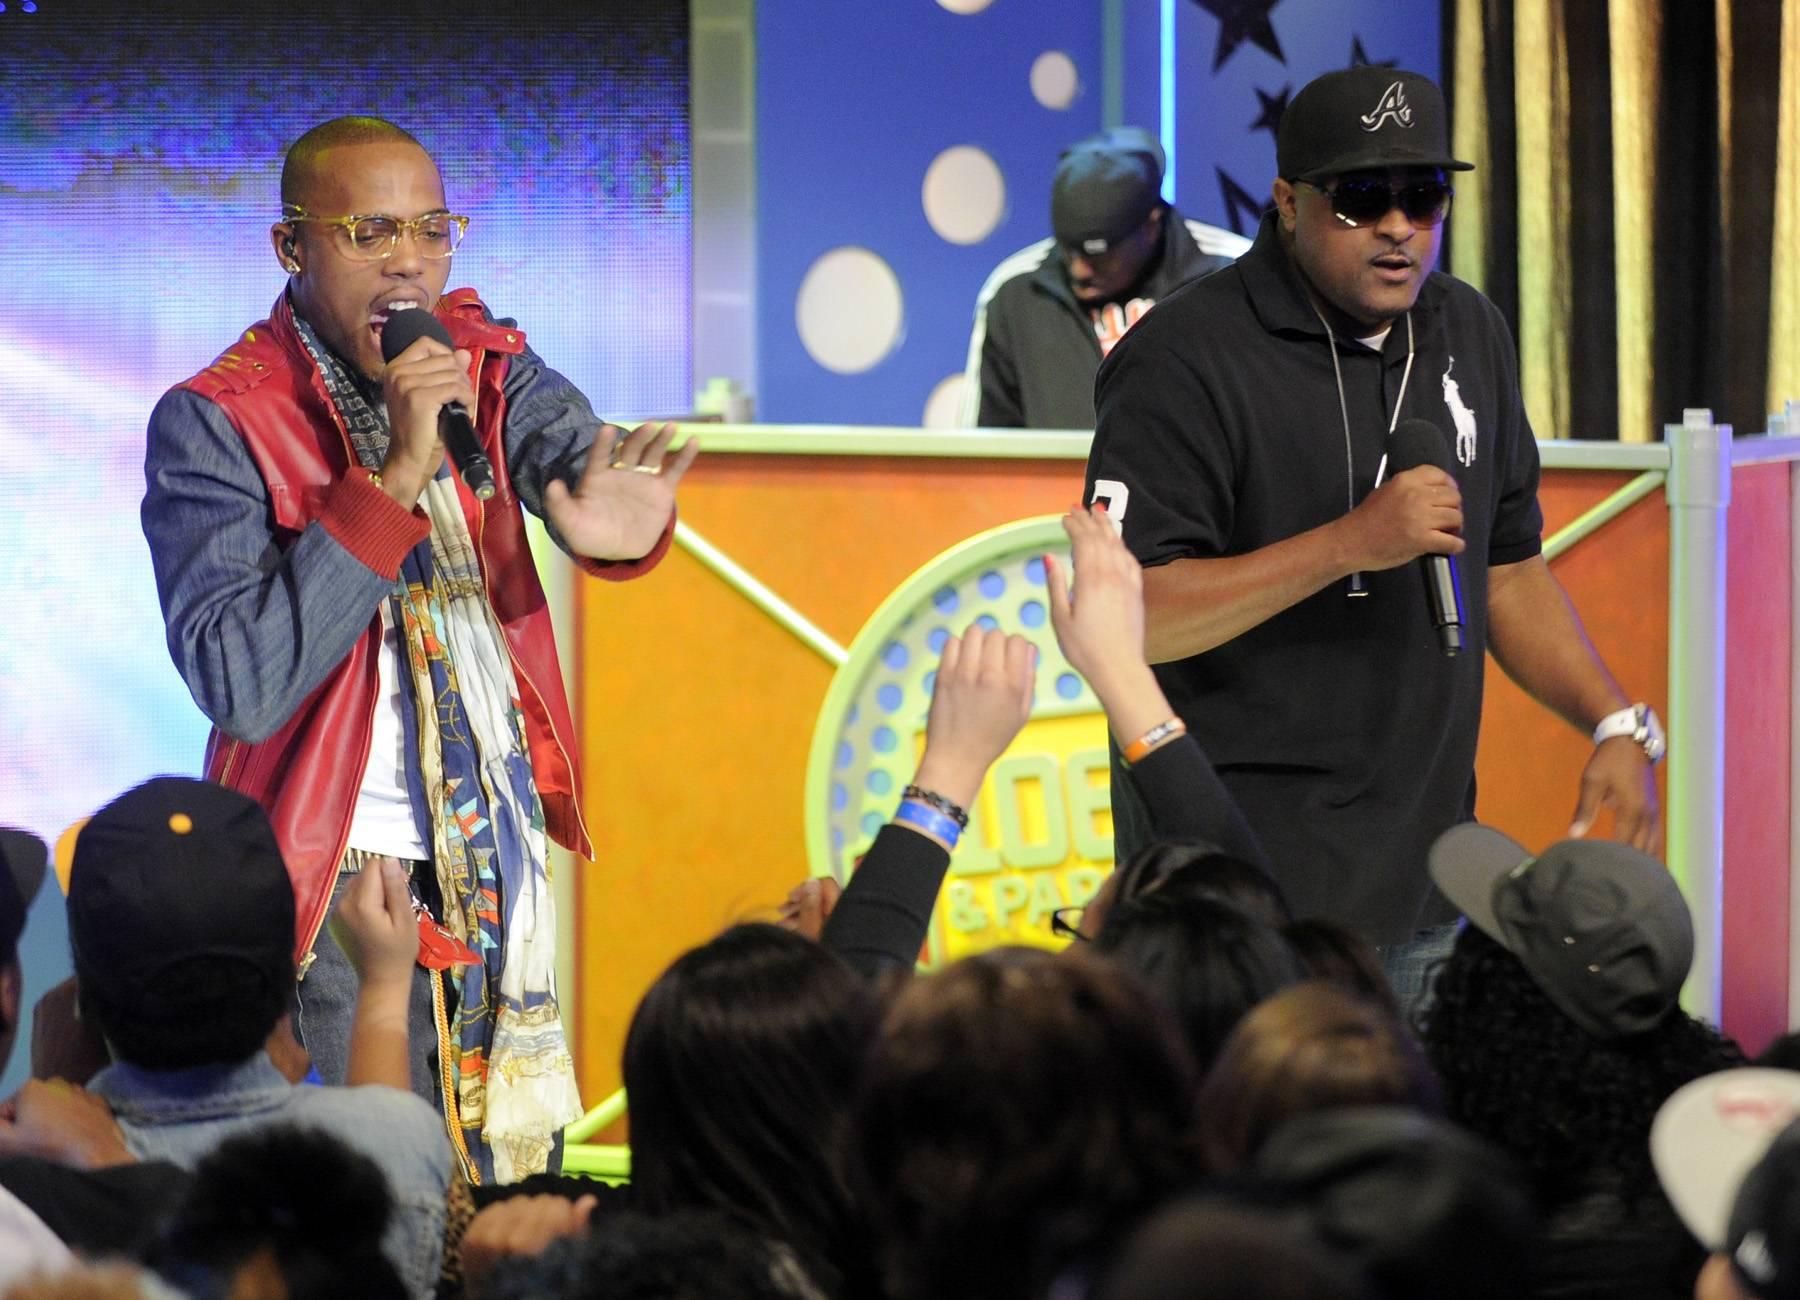 Holla Back - B.o.B performs at 106 & Park, May 1, 2012. (Photo: John Ricard / BET)